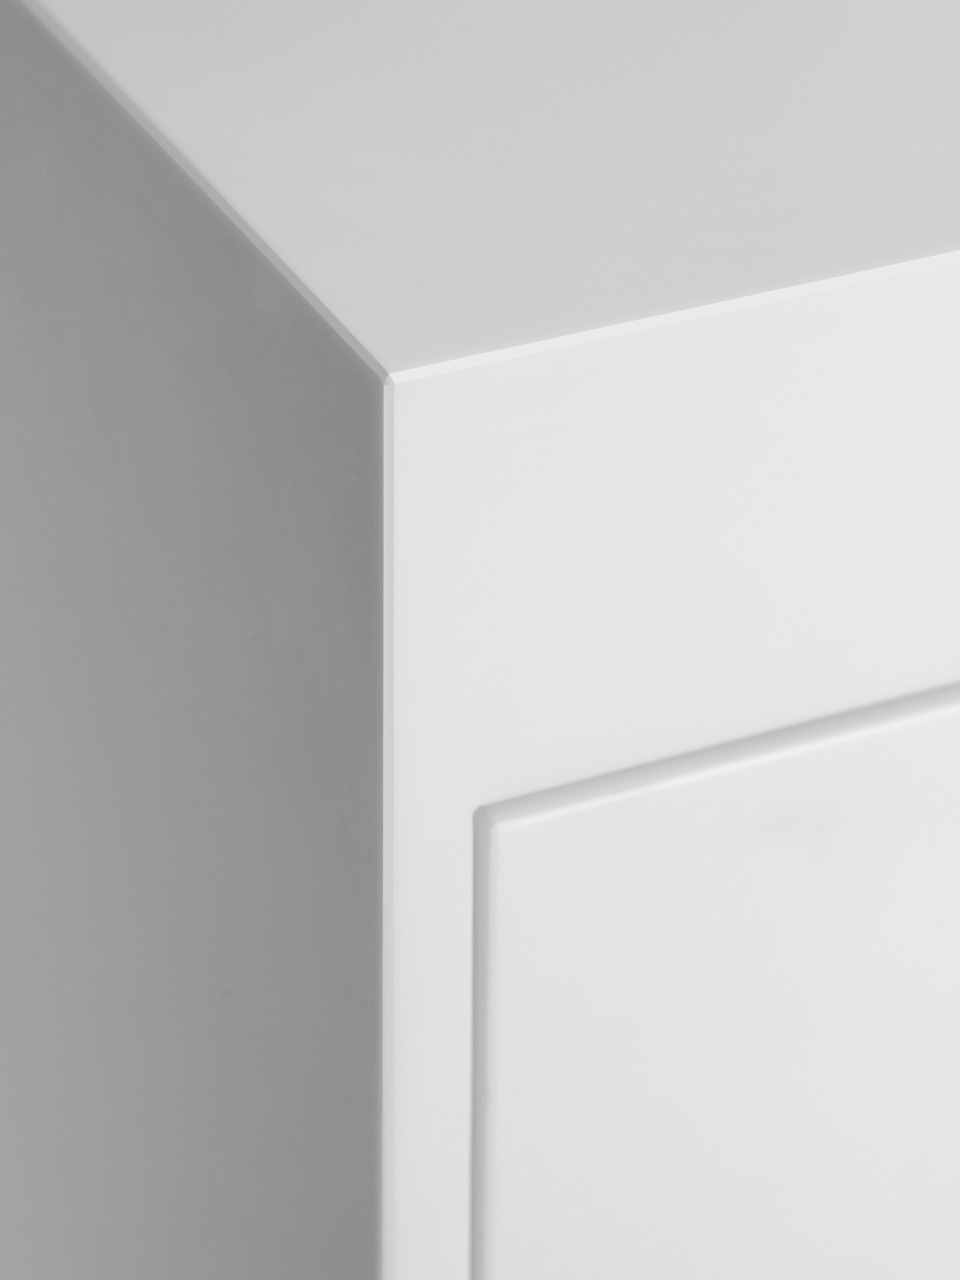 plan 3 kuchyně / Семья Холигхаус / Современный дом в стиле фахверк